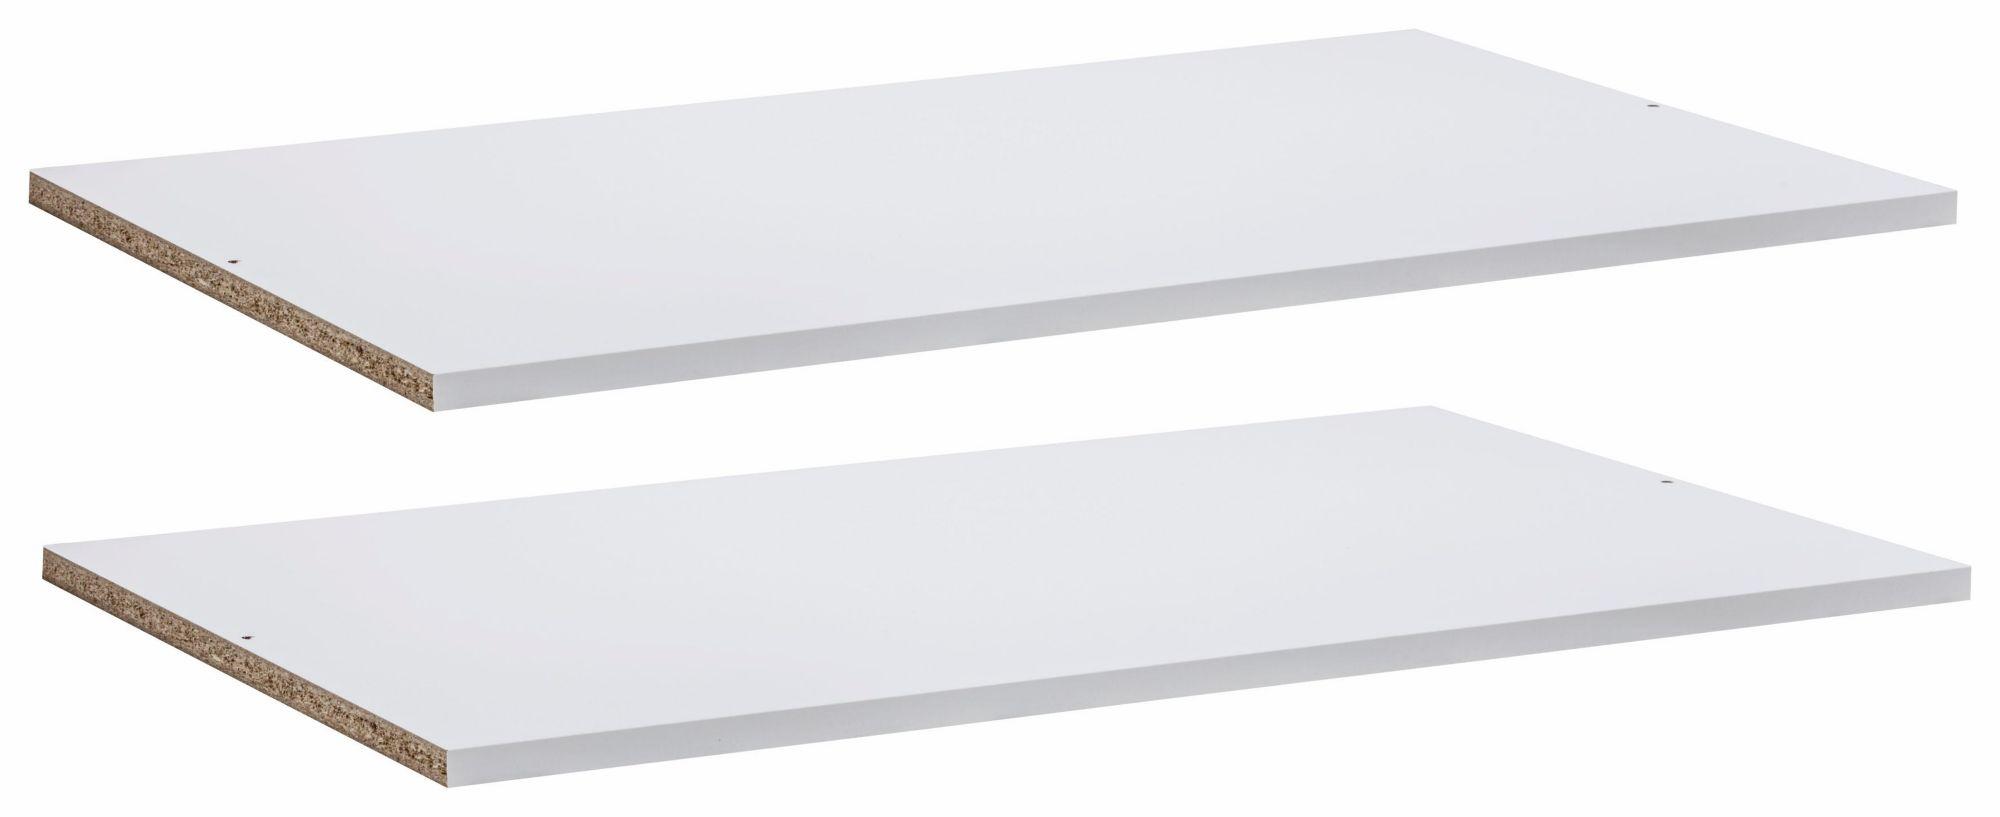 CS SCHMAL CS Schmalmöbel Einlegeböden »Soft Smart«, 2er-Set